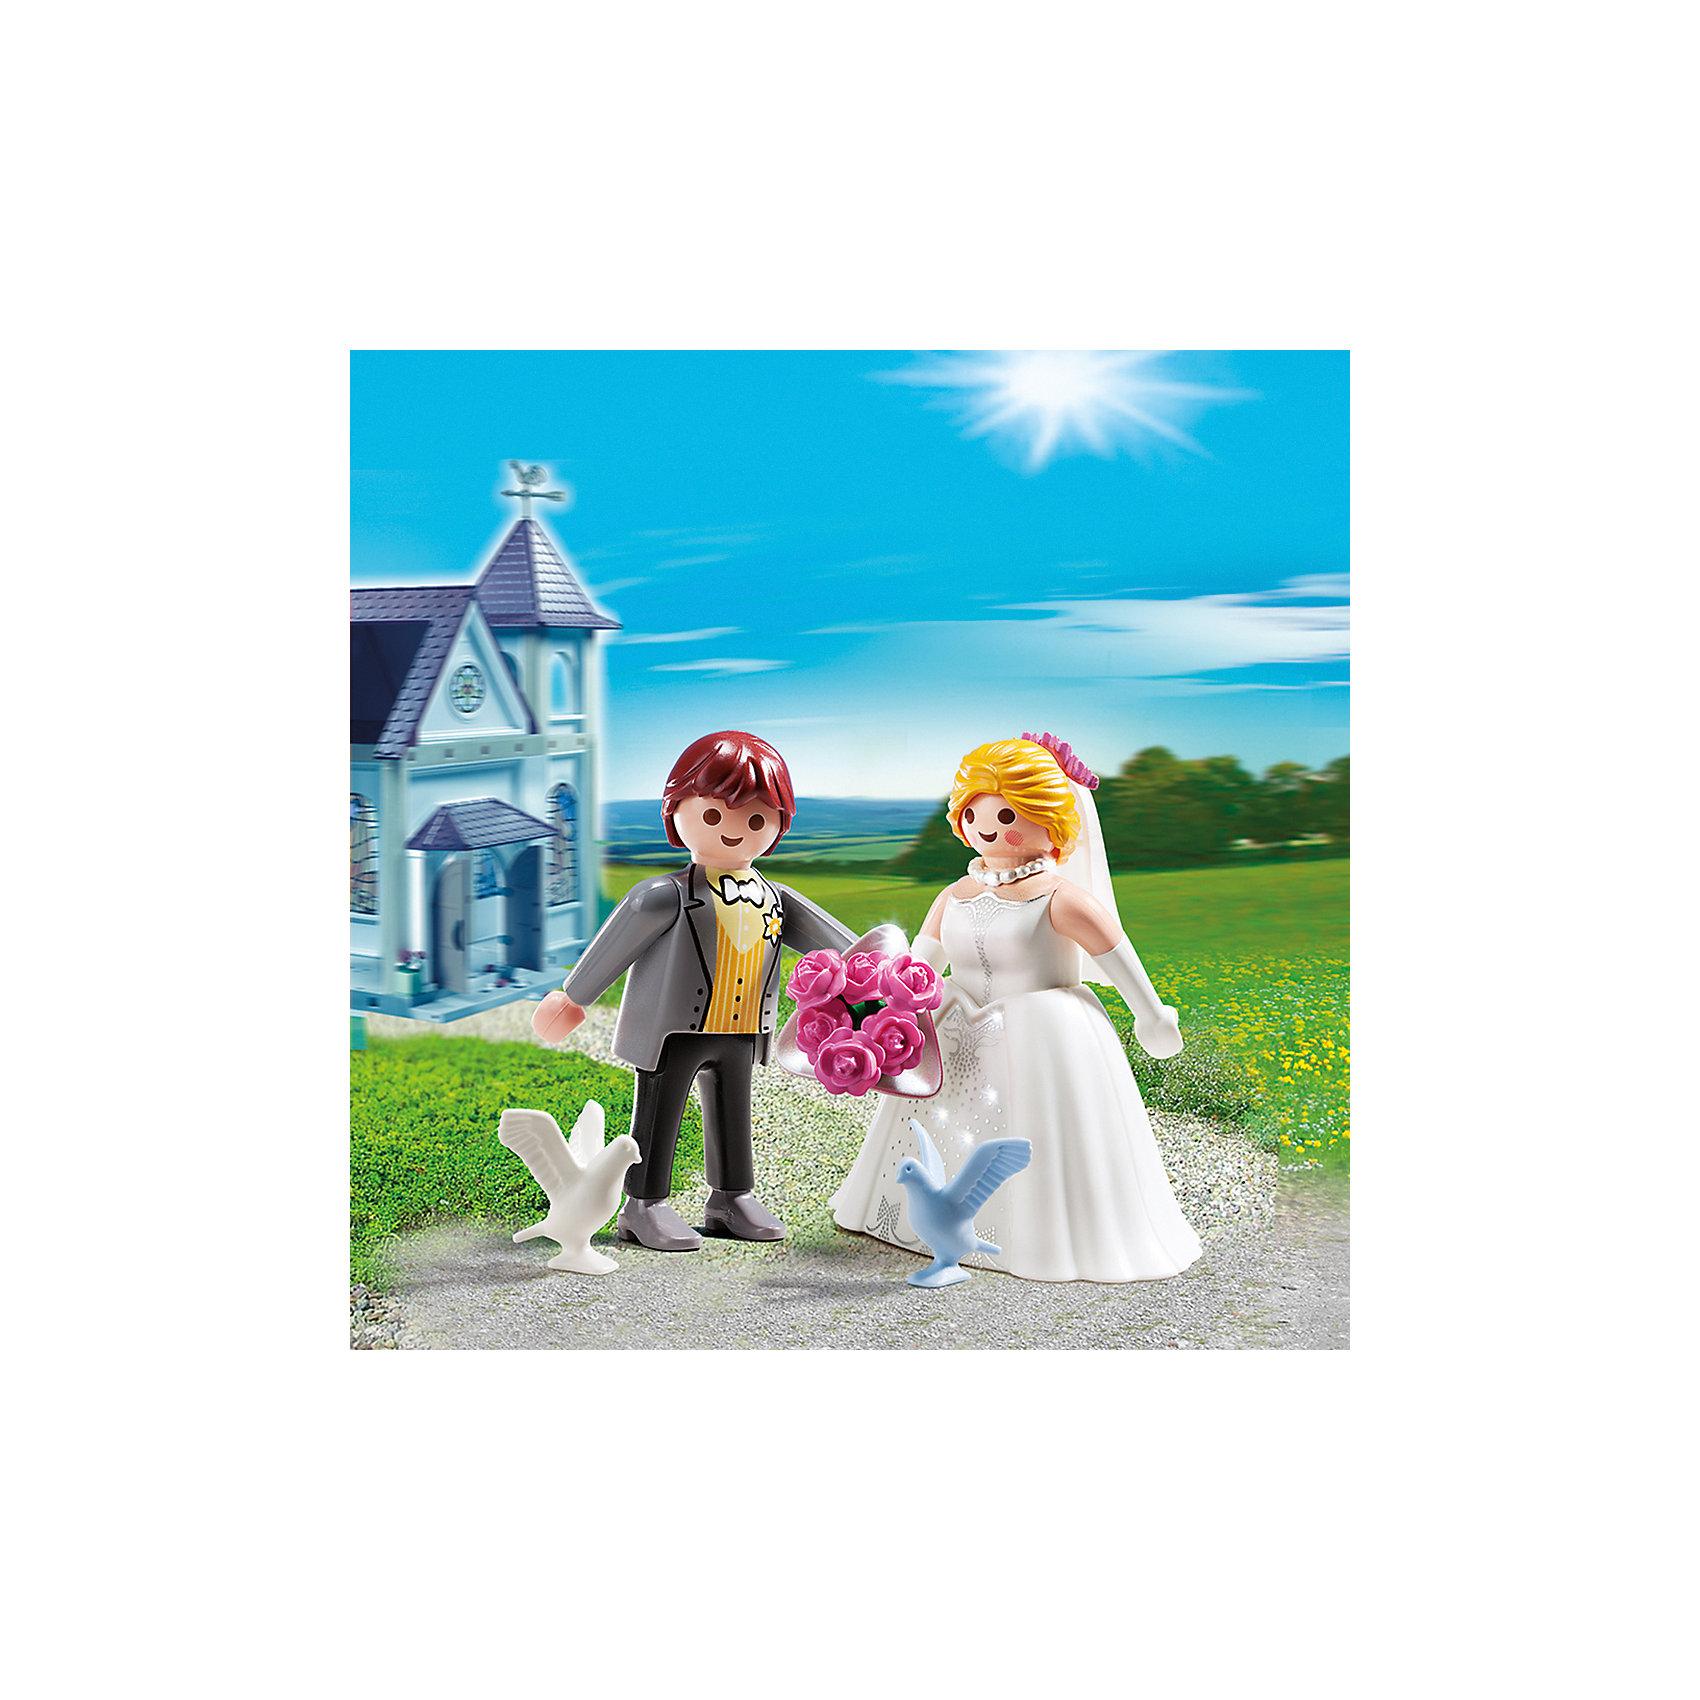 PLAYMOBIL® ДУО: Молодожены, PLAYMOBIL фигурки игрушки playmobil зоопарк стая фламинго